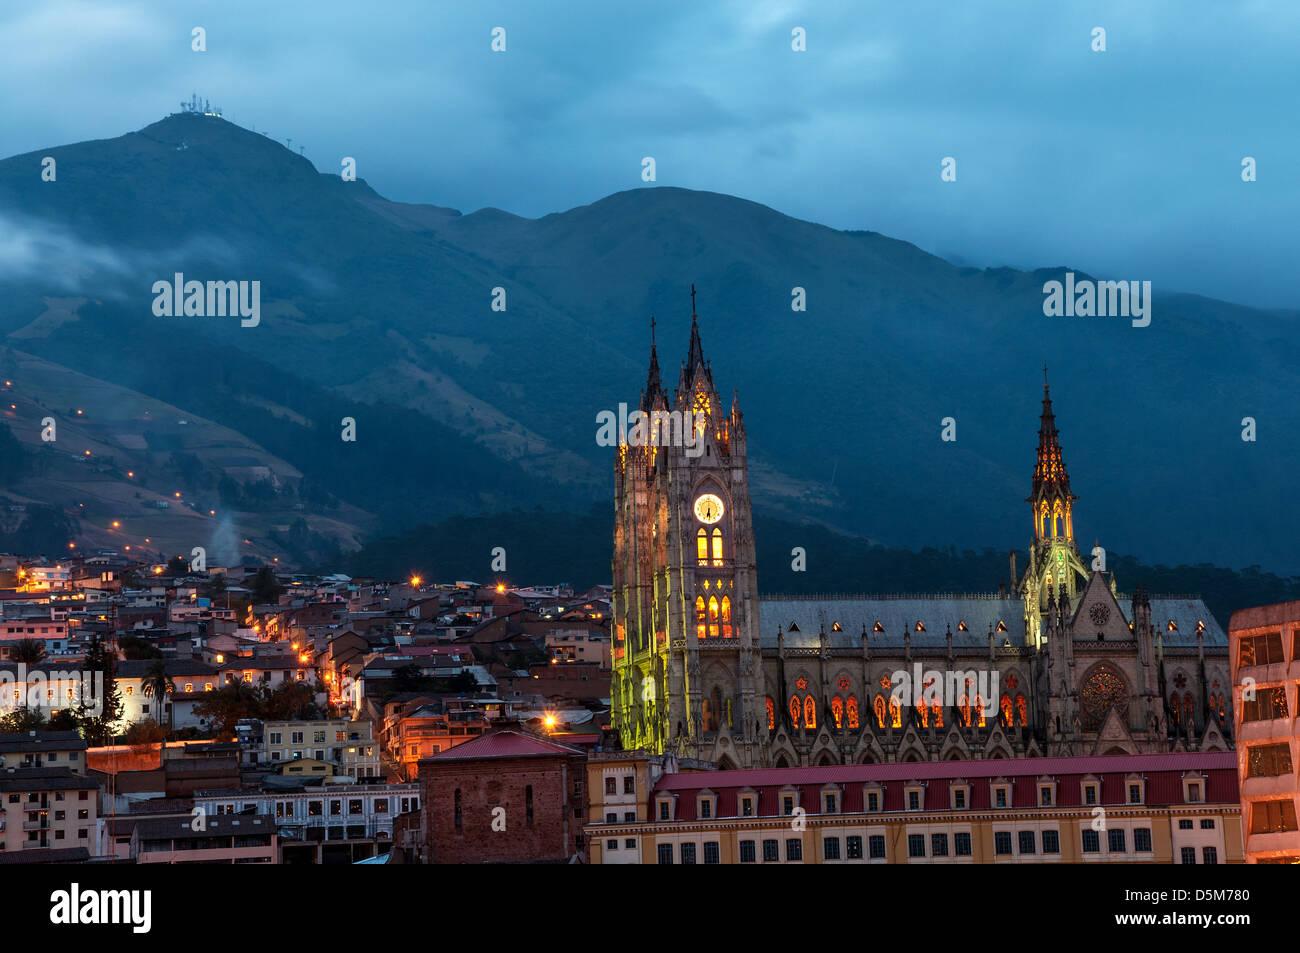 Vista nocturna de la basílica y el casco antiguo de la ciudad de Quito, Ecuador Imagen De Stock